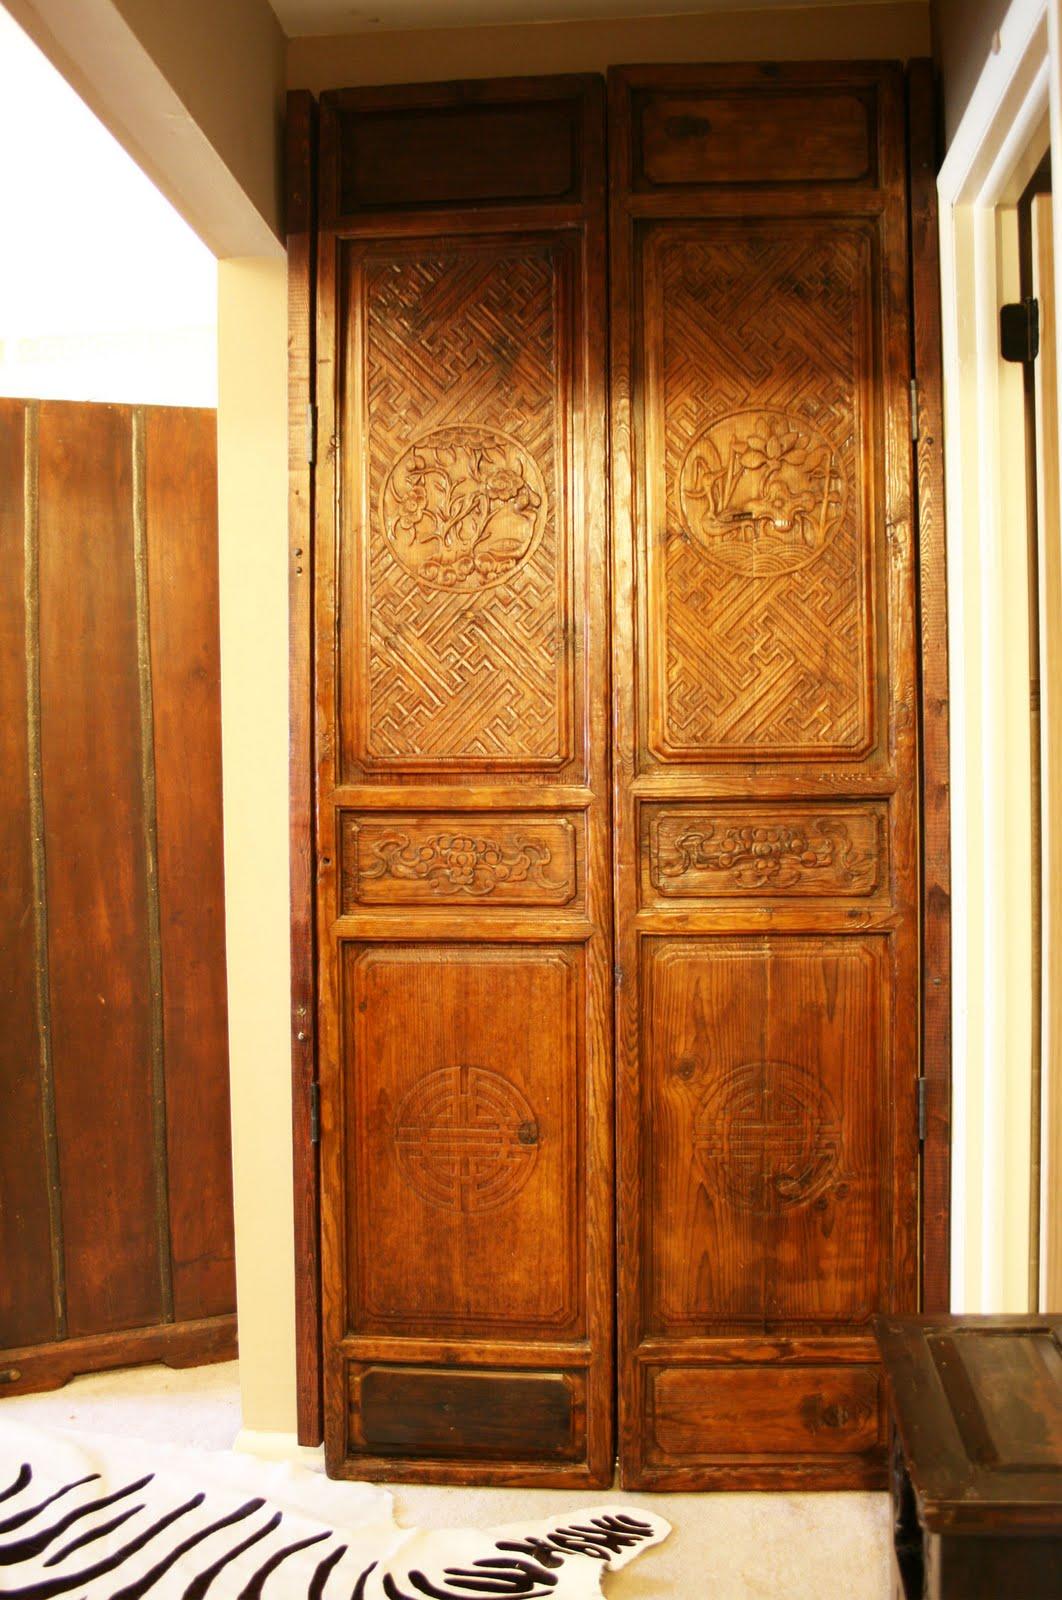 apartmentf15: closet doors